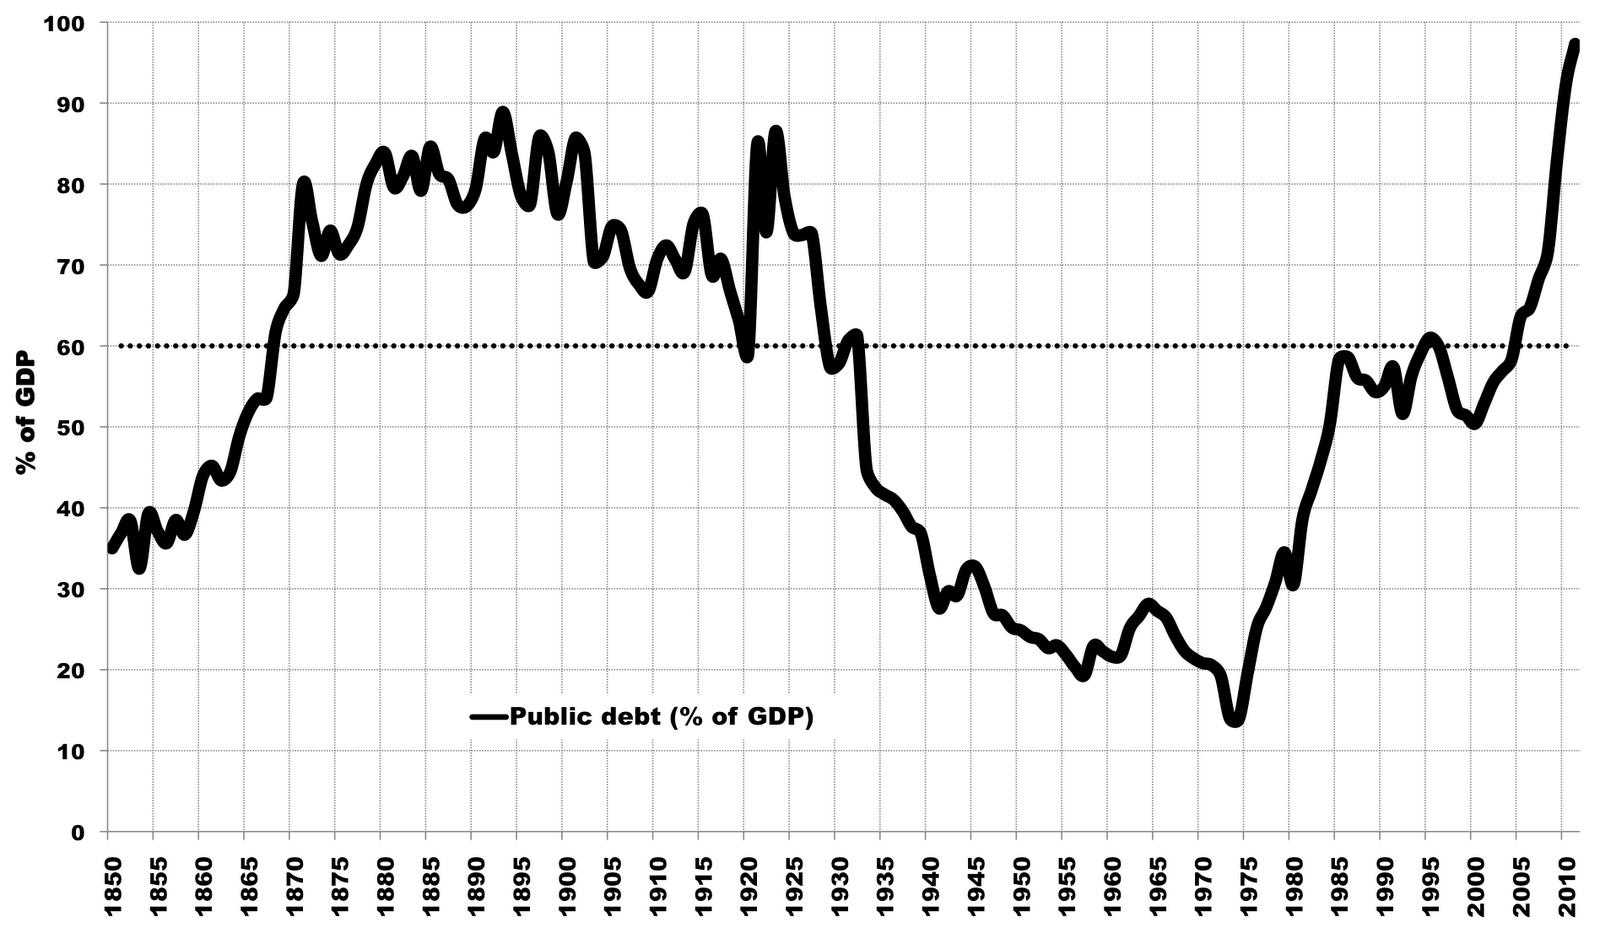 Javni dug Portugala 20 vek